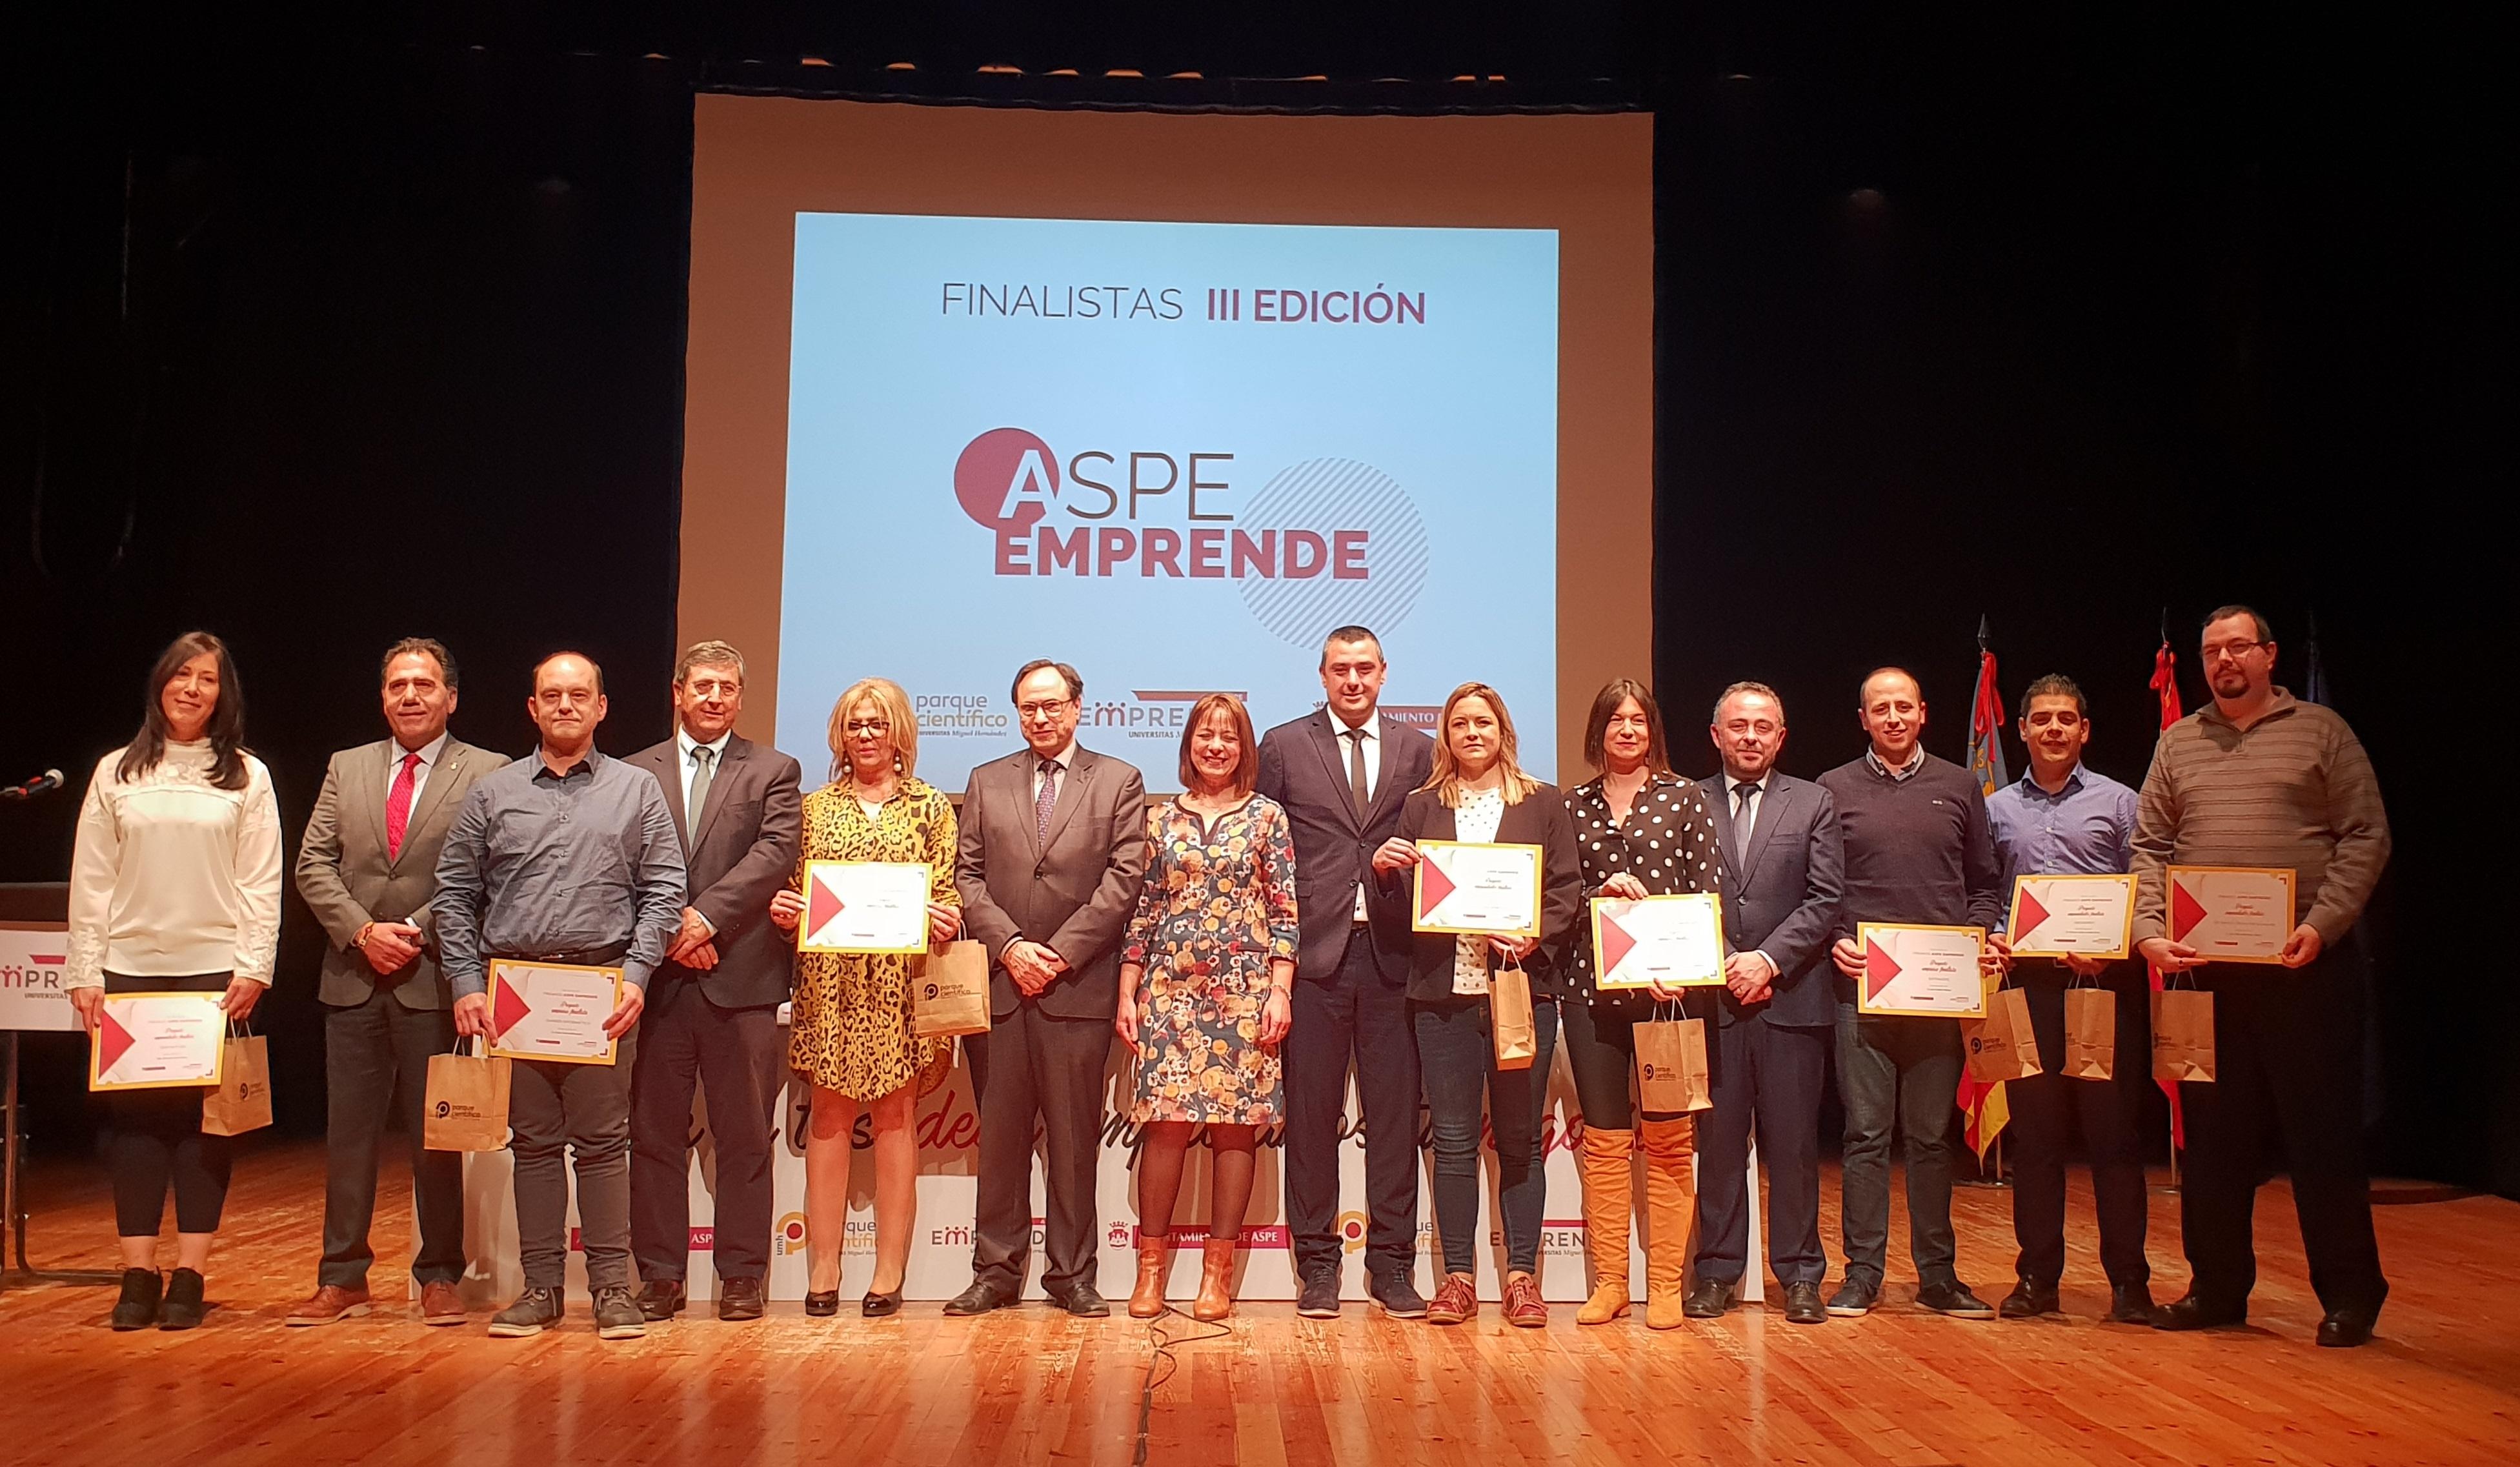 Ya tenemos ganadores de la 3a edición de Aspe Emprende